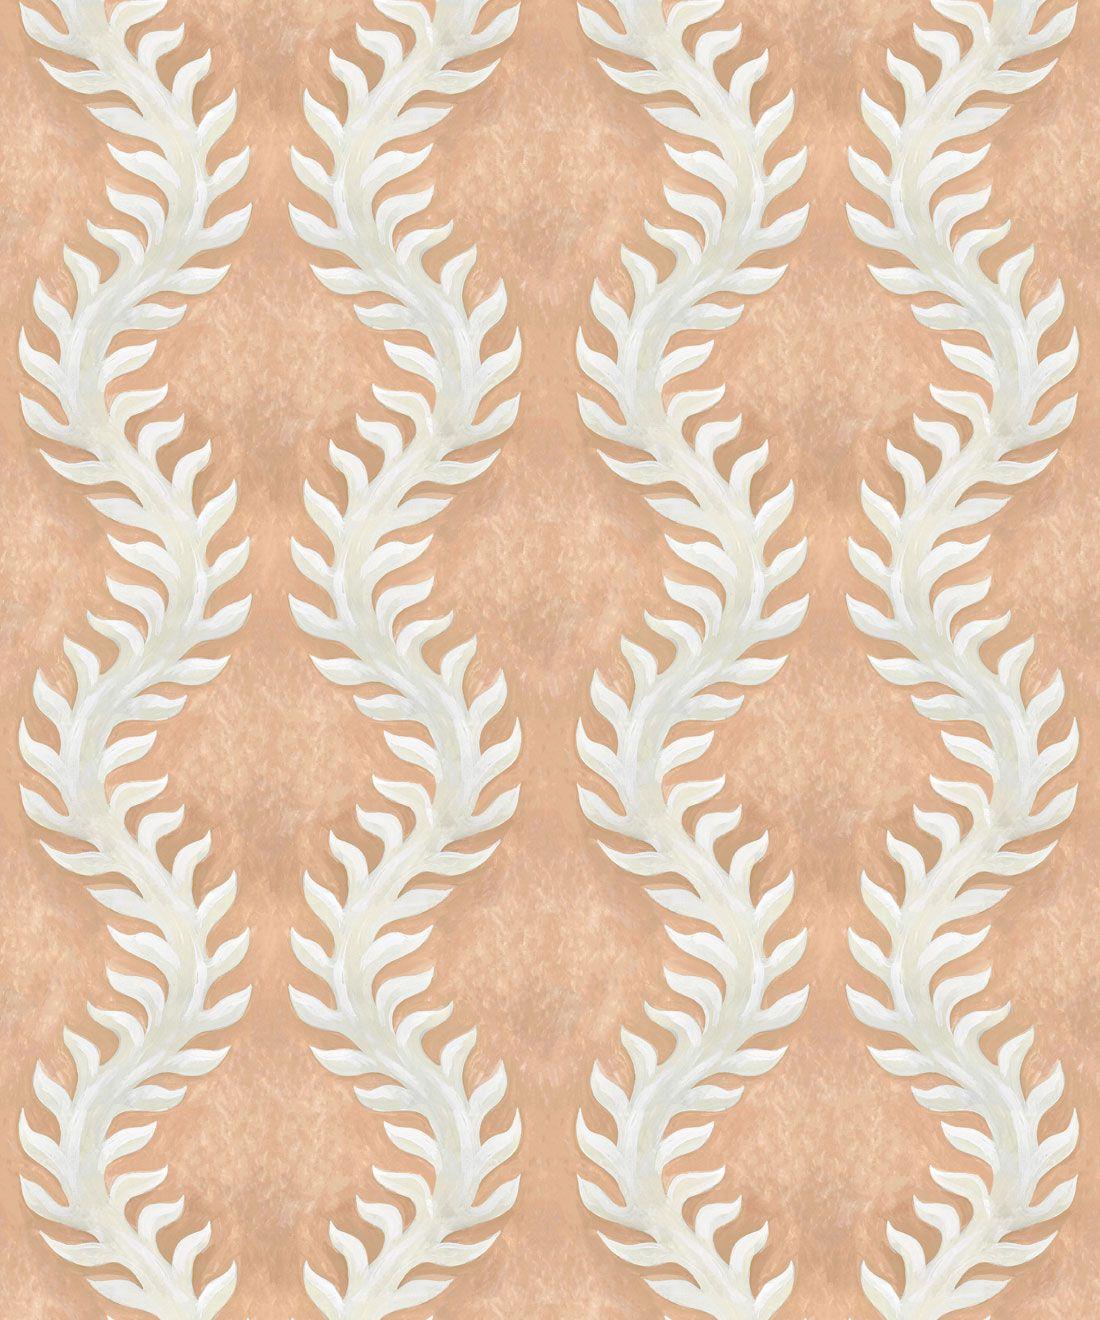 Fern Wallpaper • Salmon Wallpaper •Swatch